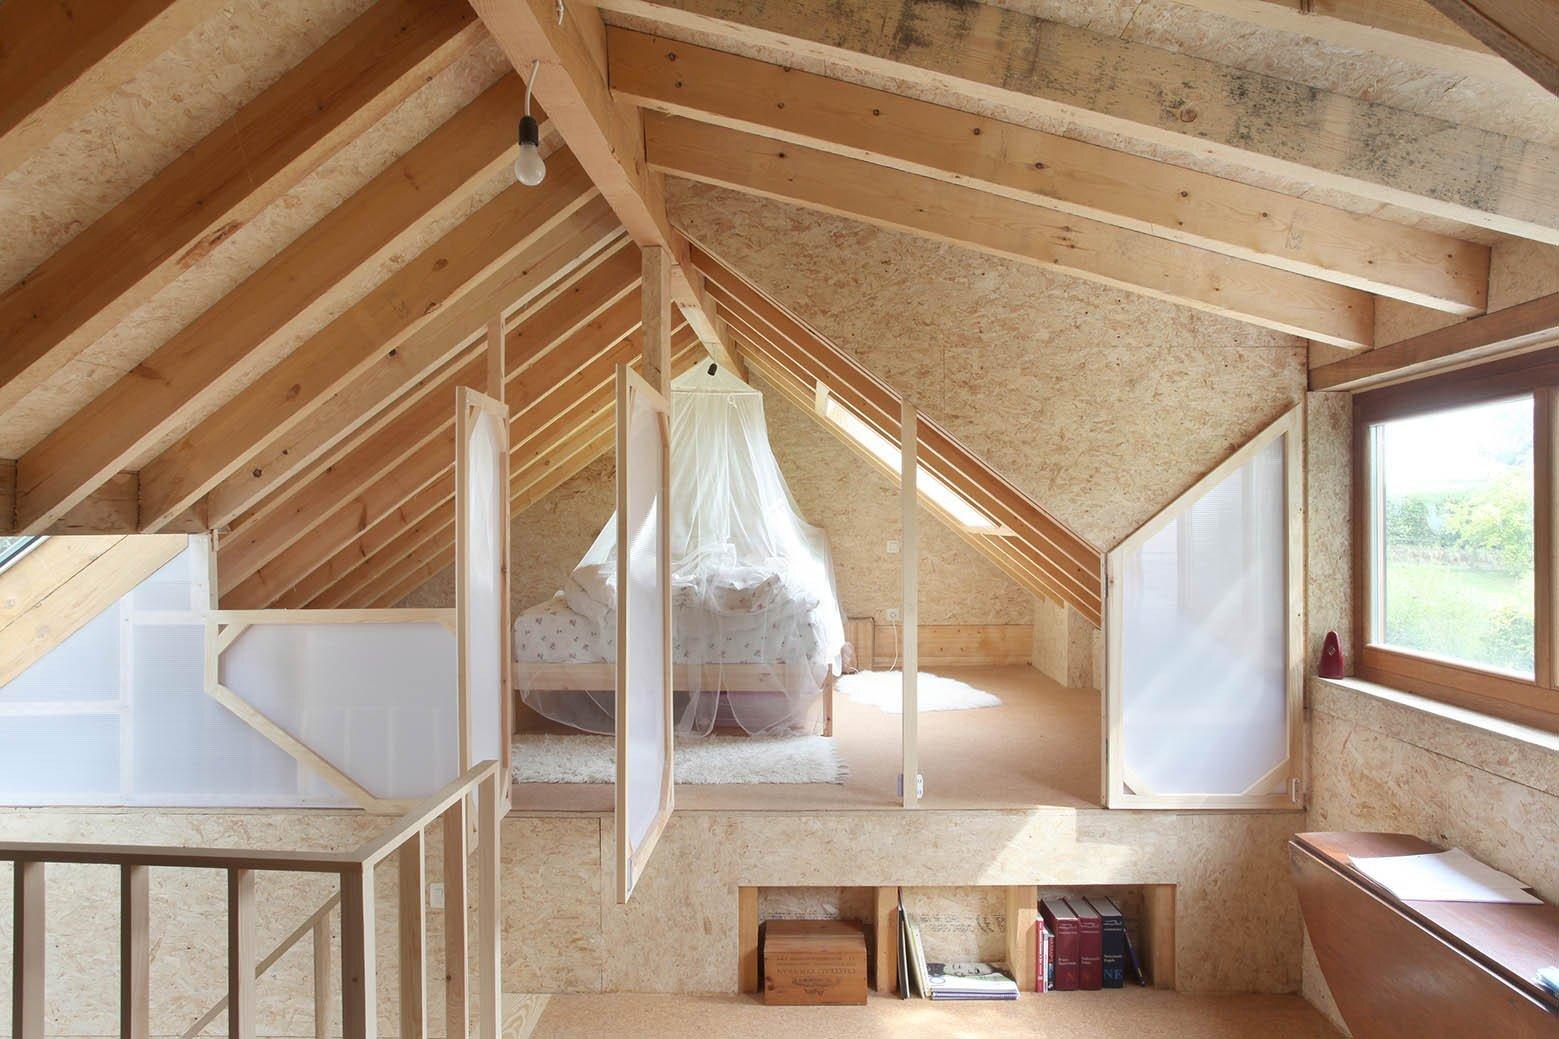 Workshop - Aurelie Hachez Architecte - Belgium - Bedroom Loft - Humble Homes